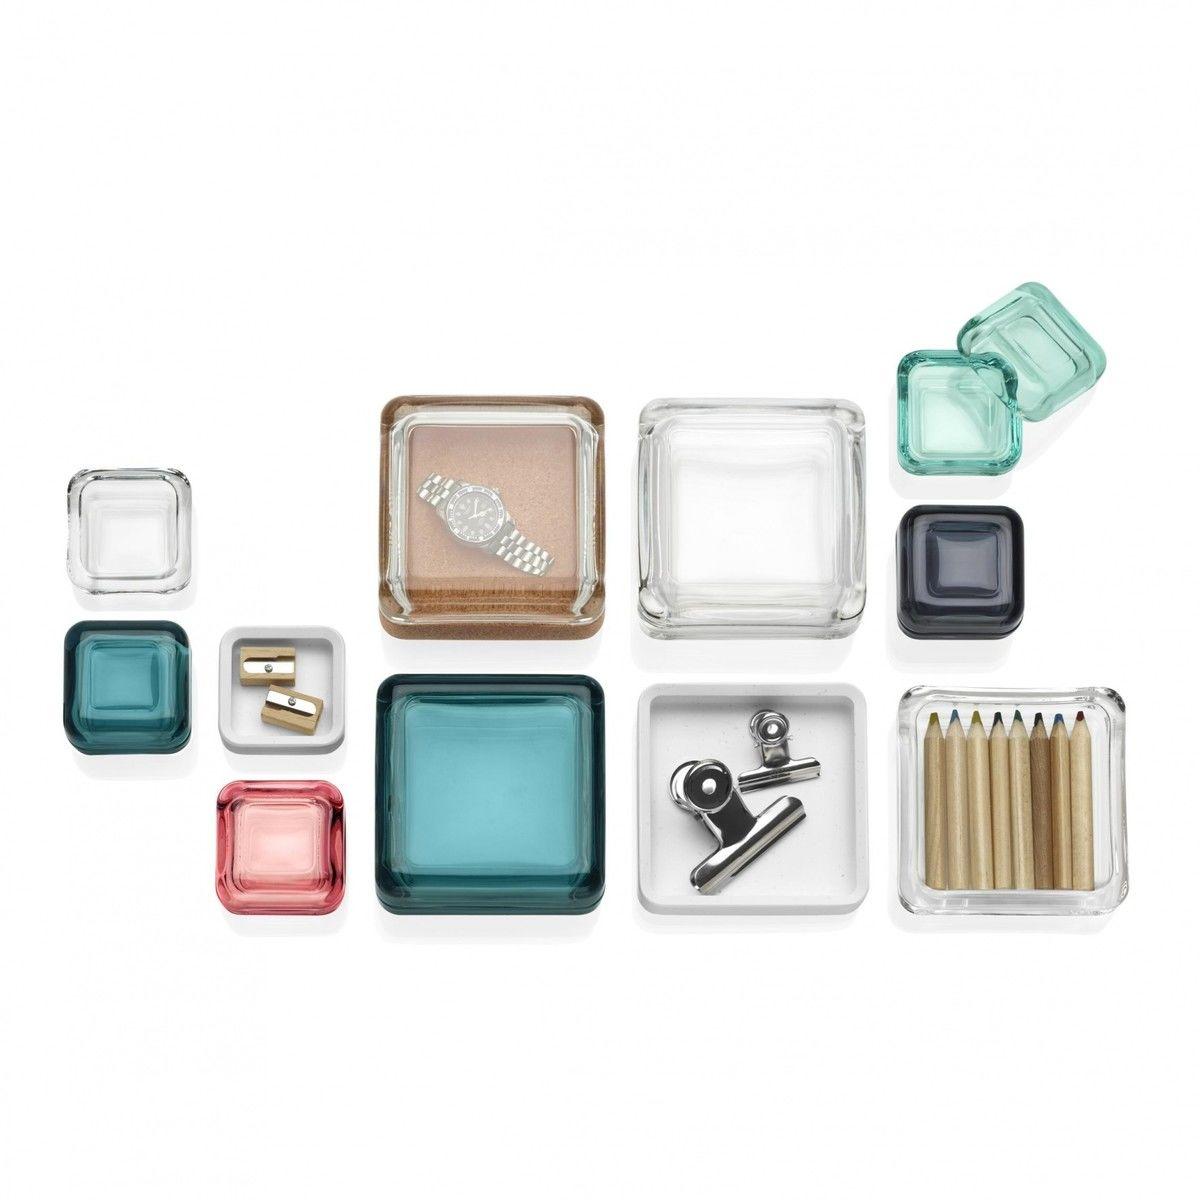 vitriini glass display box iittala. Black Bedroom Furniture Sets. Home Design Ideas